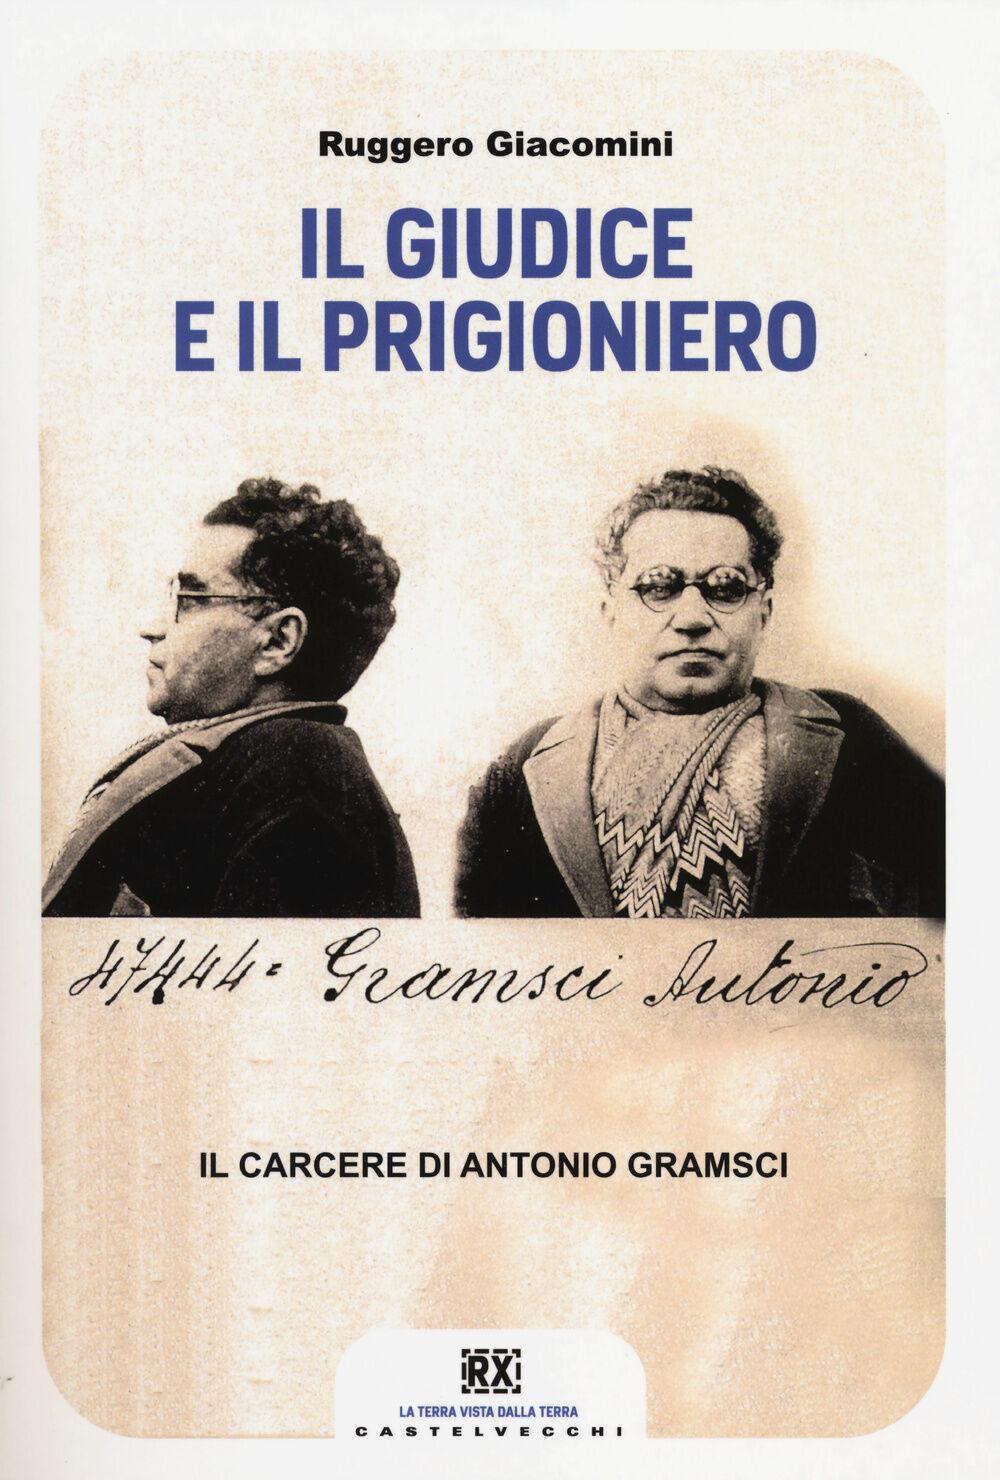 Il giudice e il prigioniero. Il carcere di Antonio Gramsci